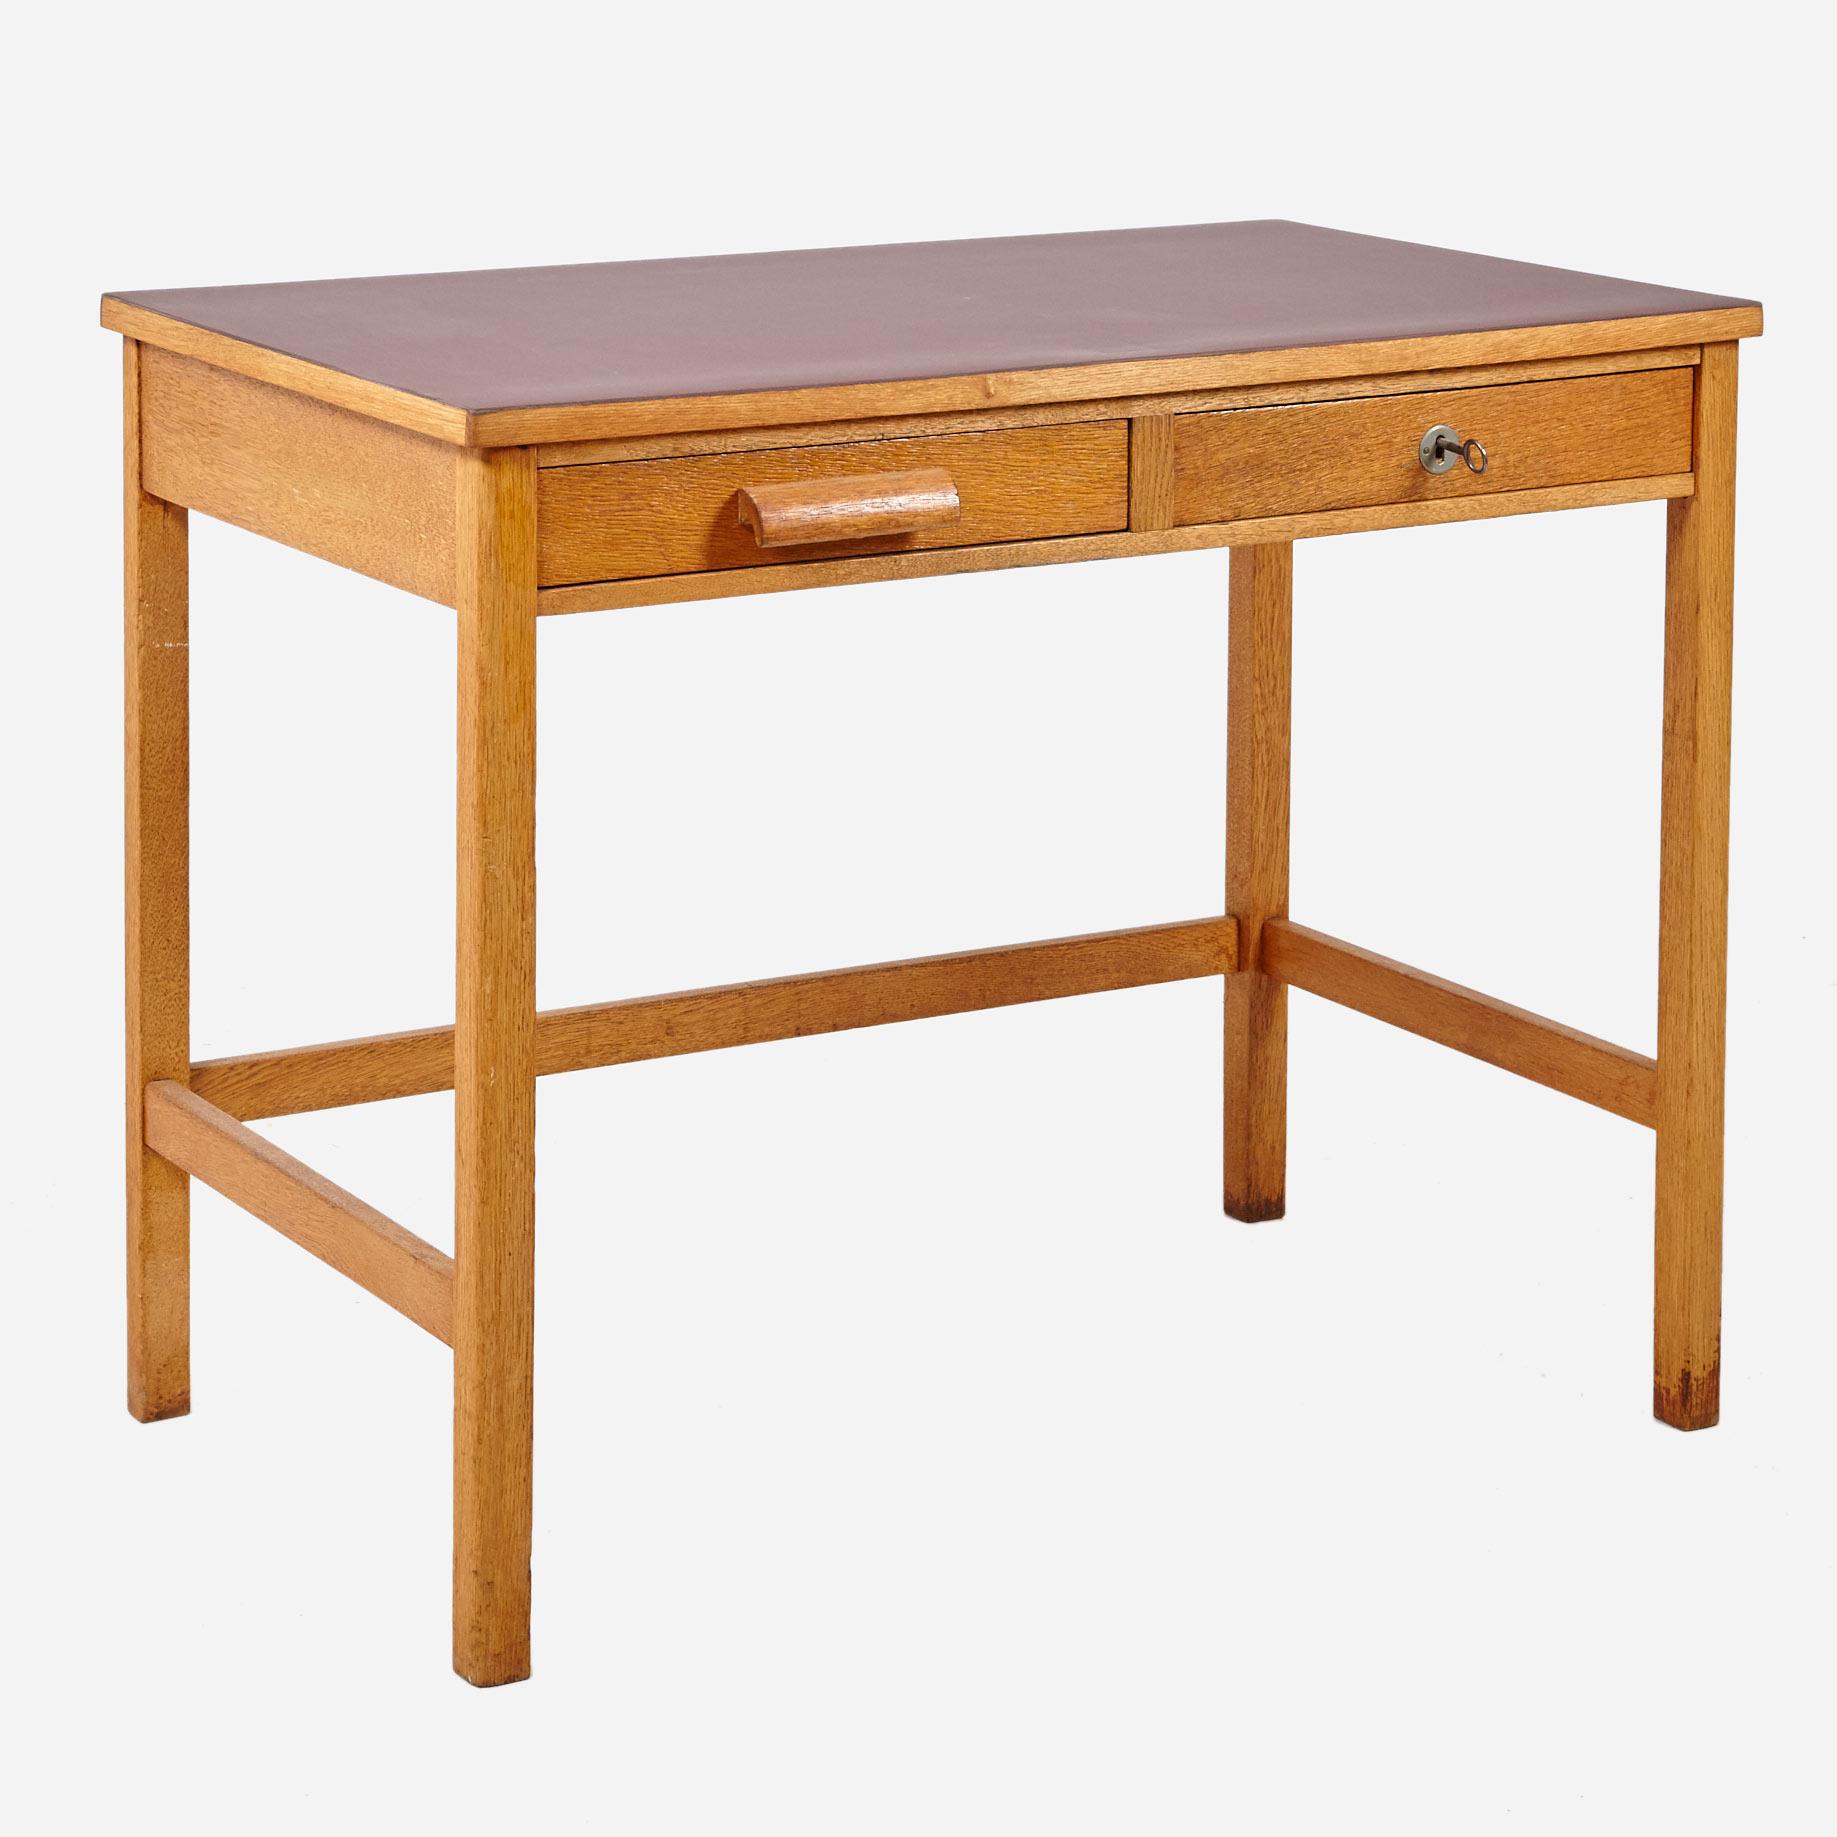 arbeitstischli aus eichenholz mit linoleum 1960er jahre m bel z rich vintagem bel. Black Bedroom Furniture Sets. Home Design Ideas